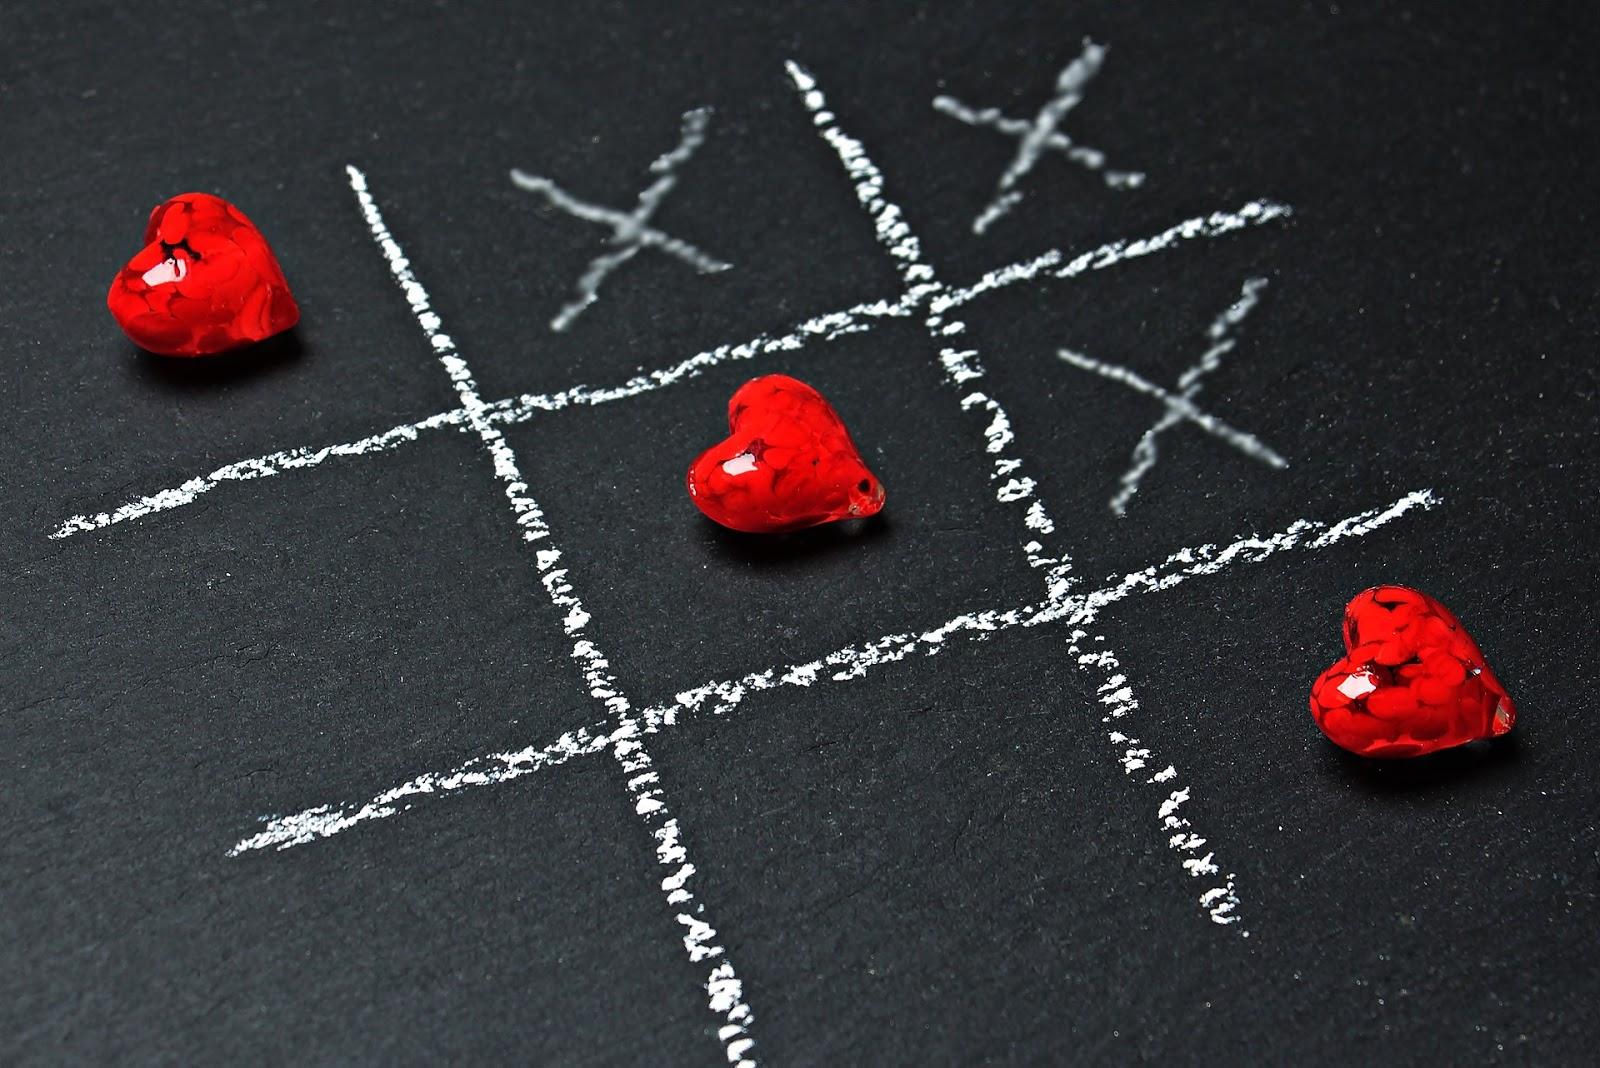 علاقات خطرة,علم نفس,علاقات خطره,علاقة خطرة,علاقات,علاقة,#علاقات خطرة,علاقات خطرة علاقات خطرة اقتباسات علاقات خطرة 2012